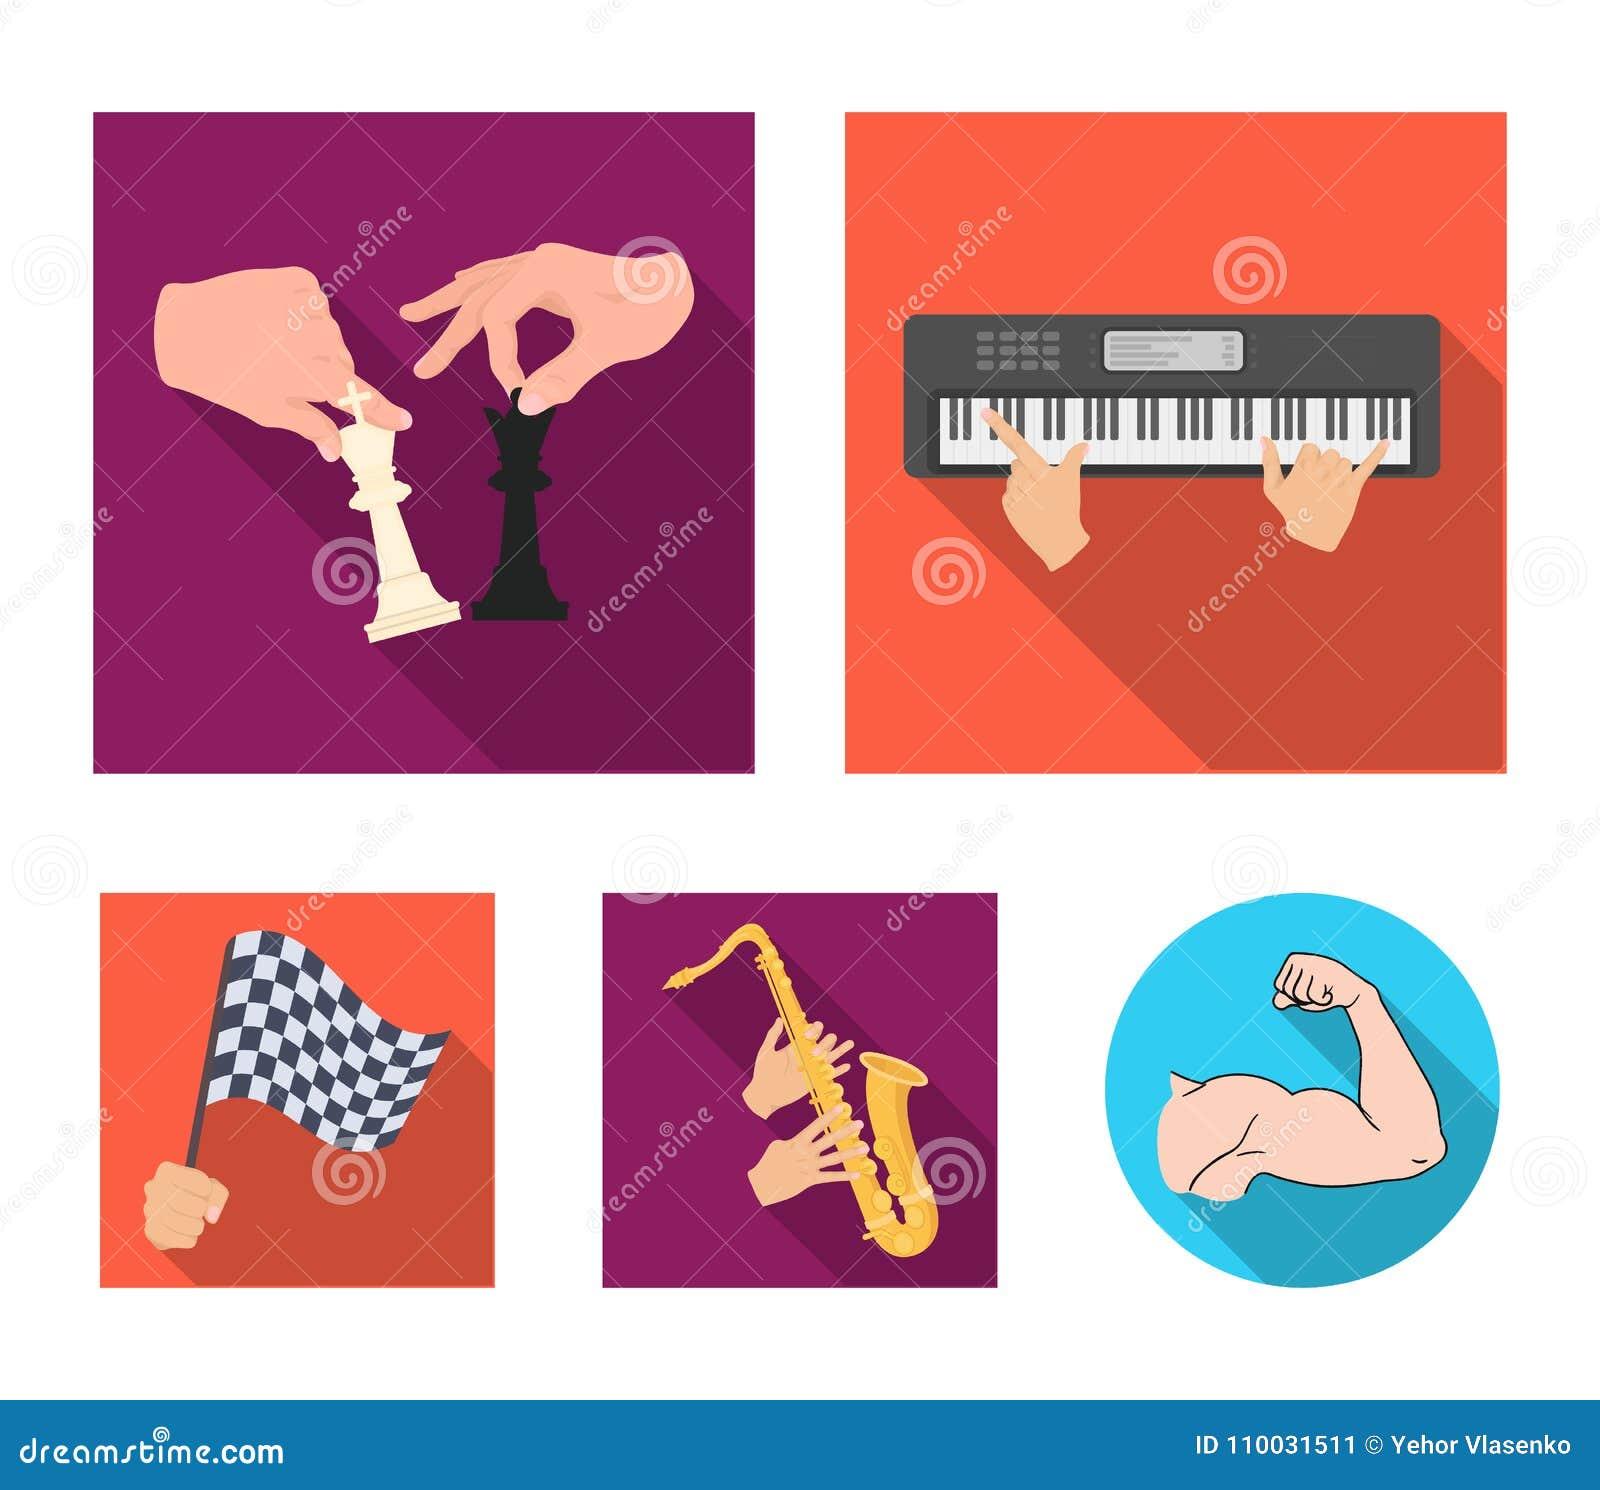 Spelend op een elektrisch muzikaal instrument, manipulatie met schaakstukken en ander Webpictogram in vlakke stijl het spelen op